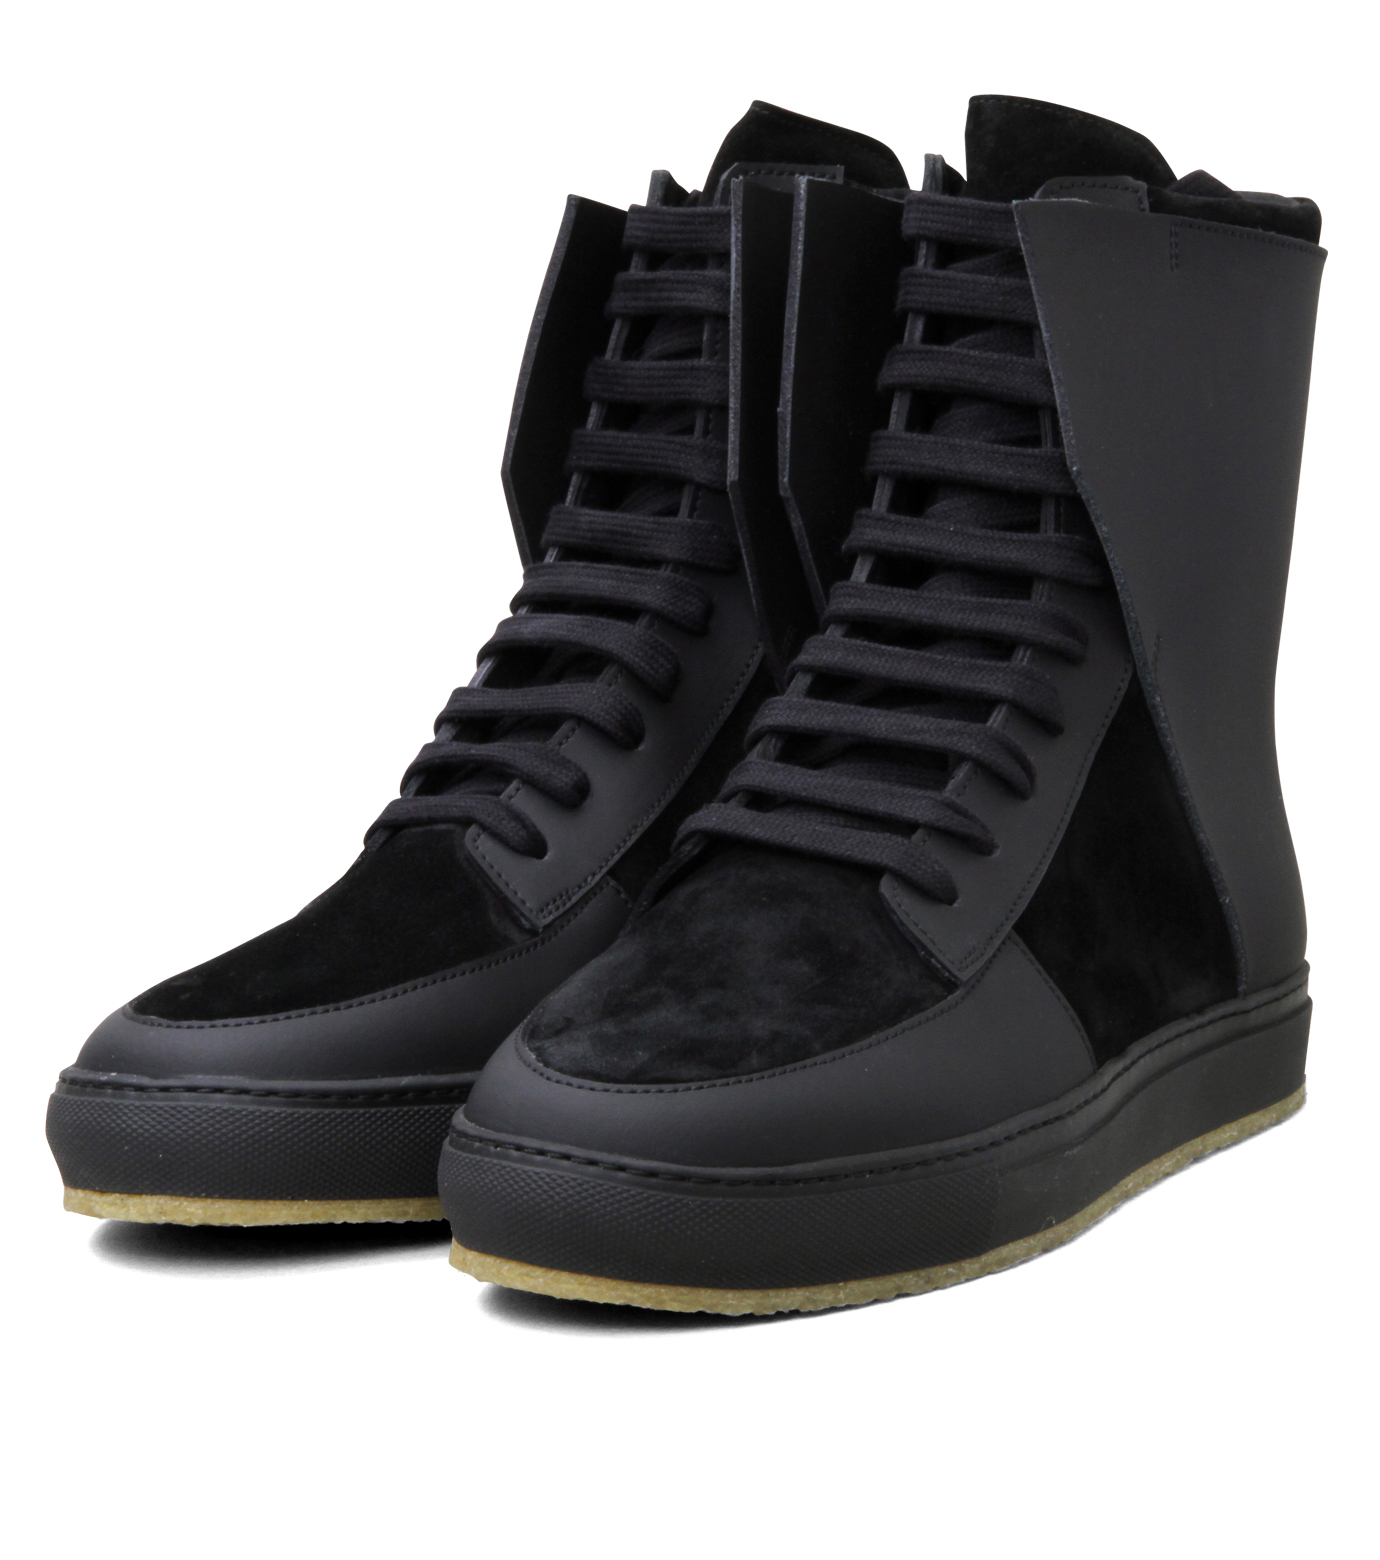 Kris Van Assche(クリスヴァンアッシュ)のLibra Black Sneaker-BLACK-K2709 拡大詳細画像4